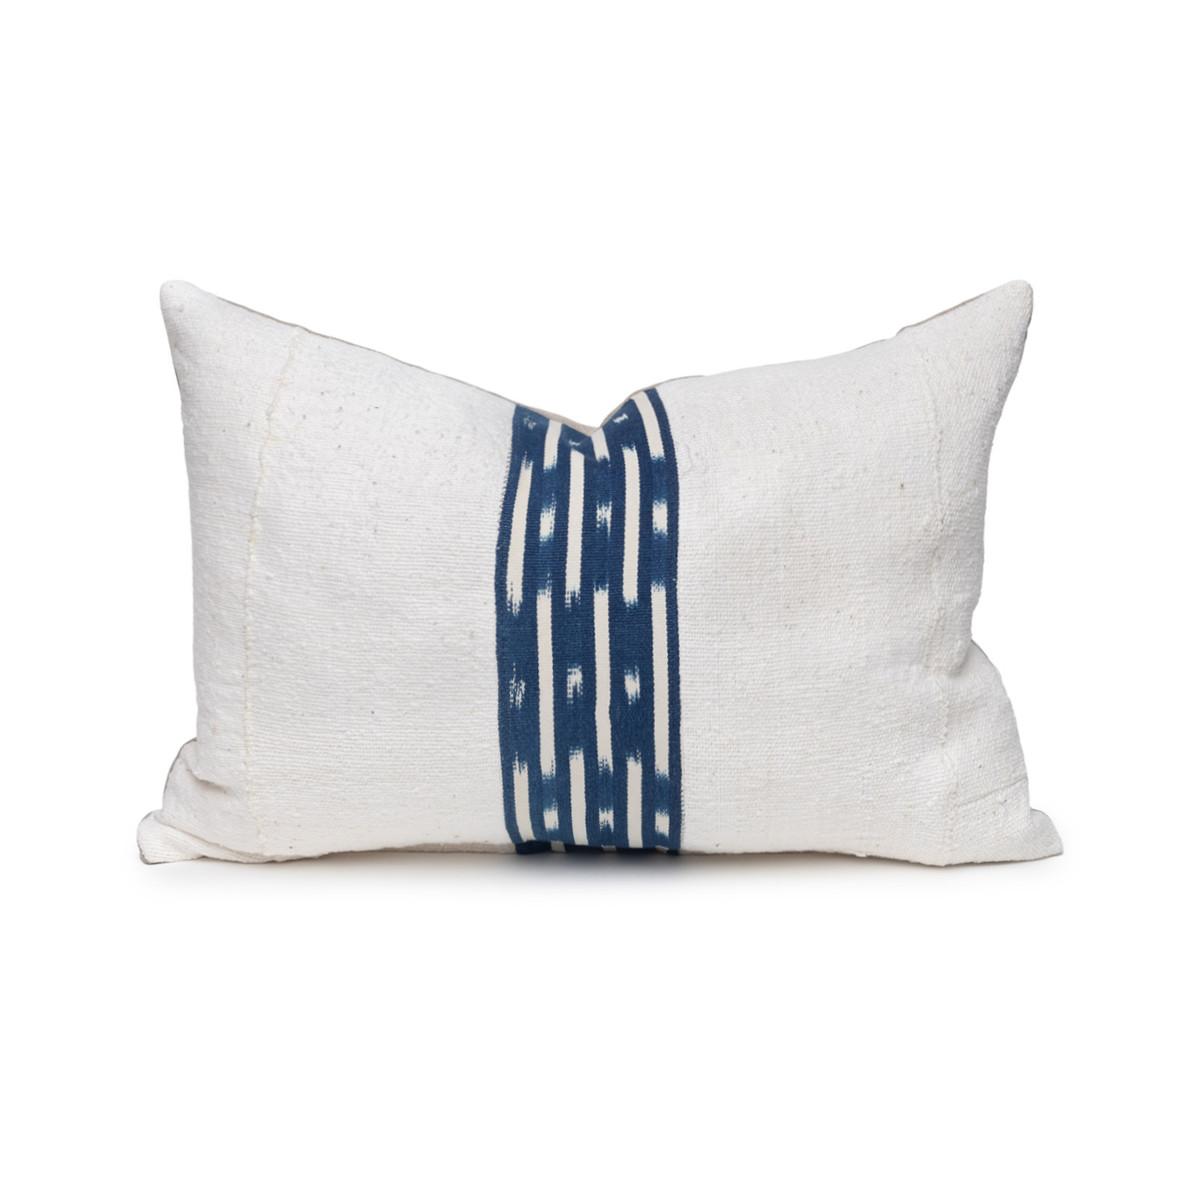 Peak Indigo Lumbar Pillow- 1420- Front View